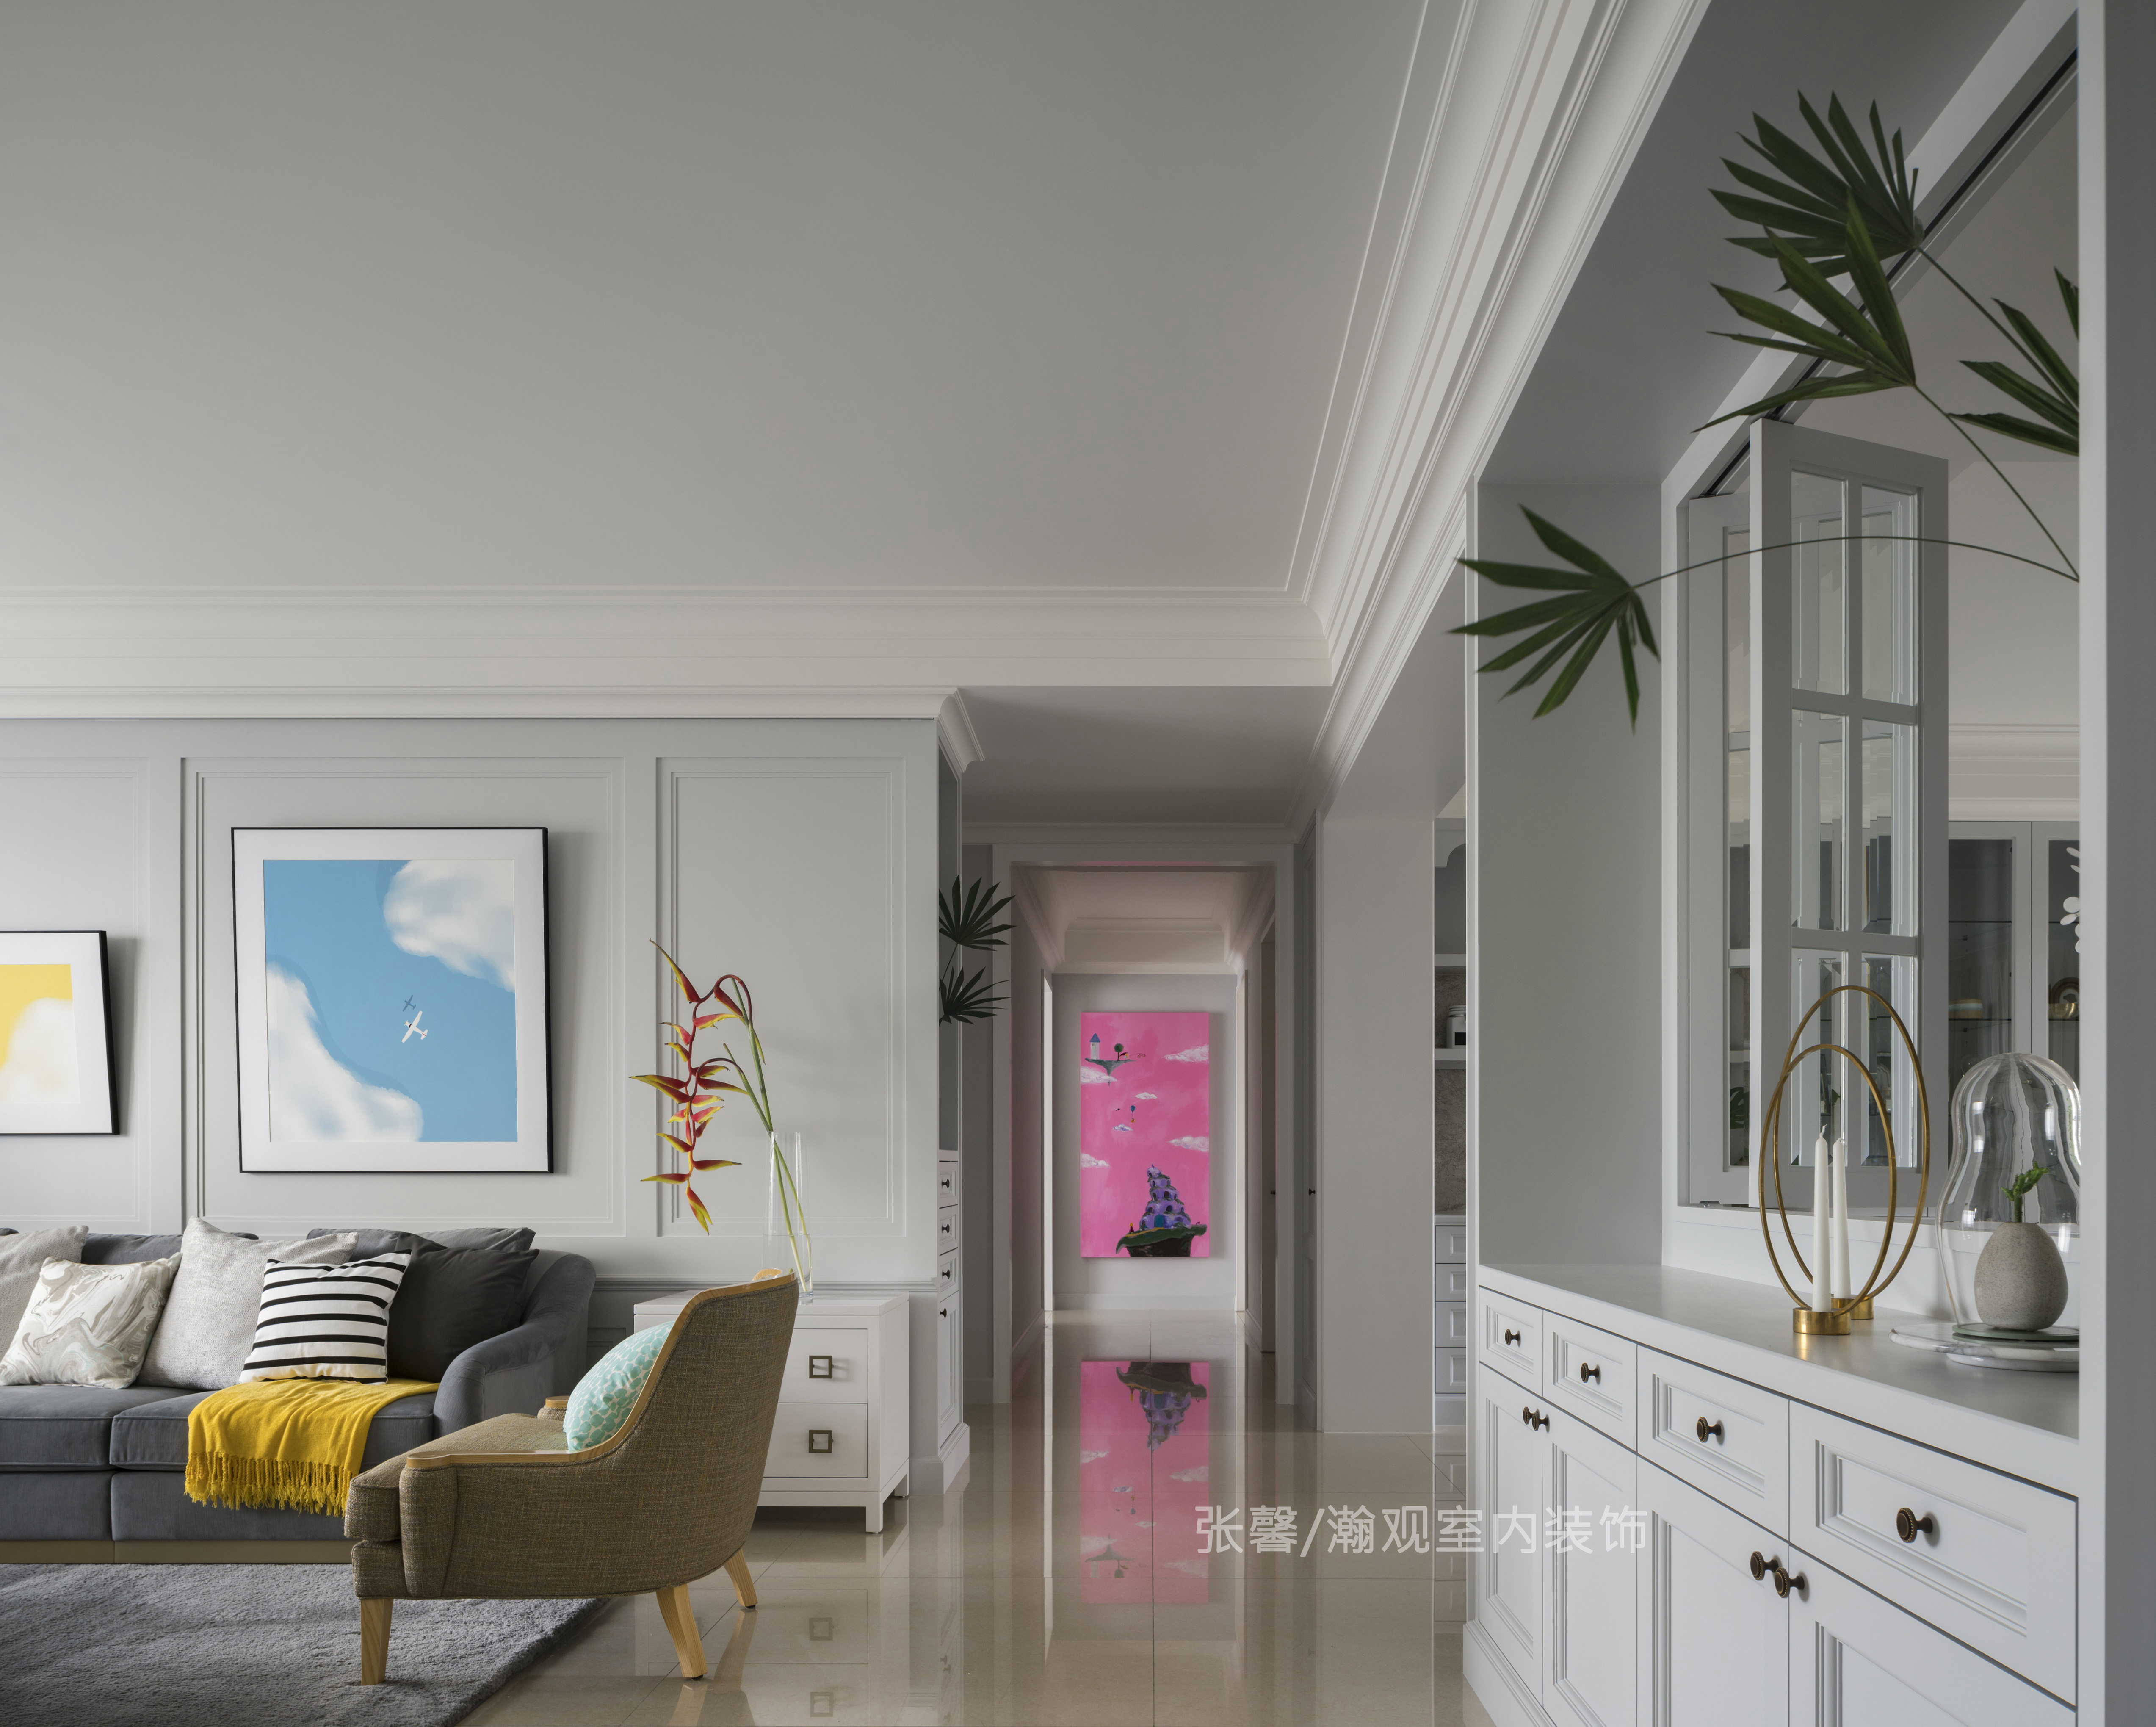 优雅 古典 美式 张馨 瀚观 客厅图片来自张馨/瀚观室内装饰在187㎡.机师与空姐的浪漫岛屿的分享